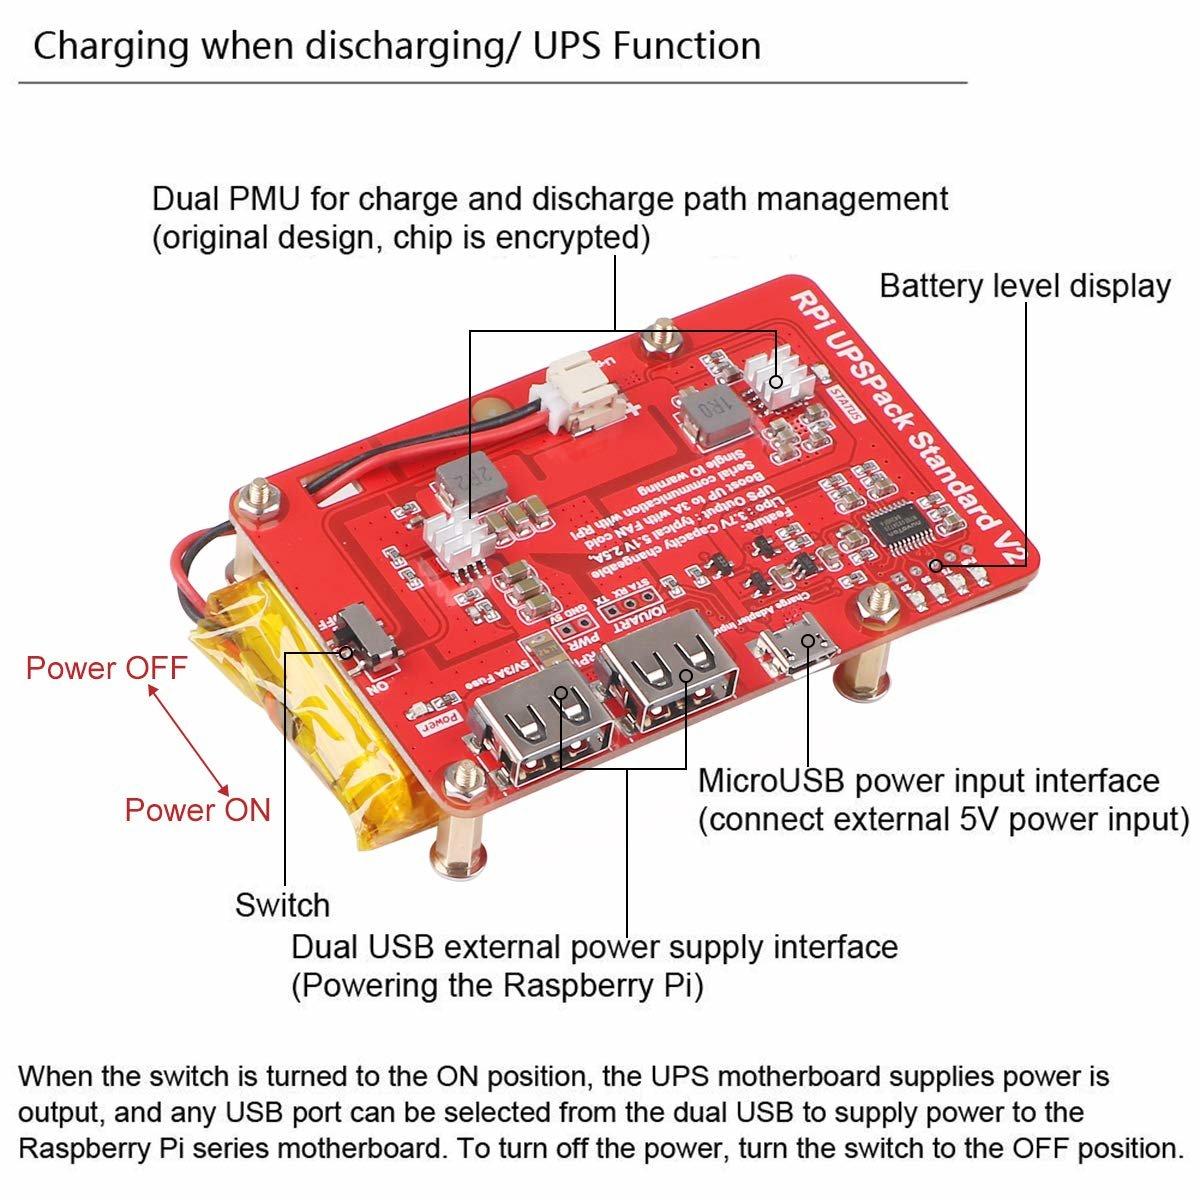 樹莓派 UPS 鋰電池擴充板 | USB 雙輸出電源供應模組 (V2)-preview-3